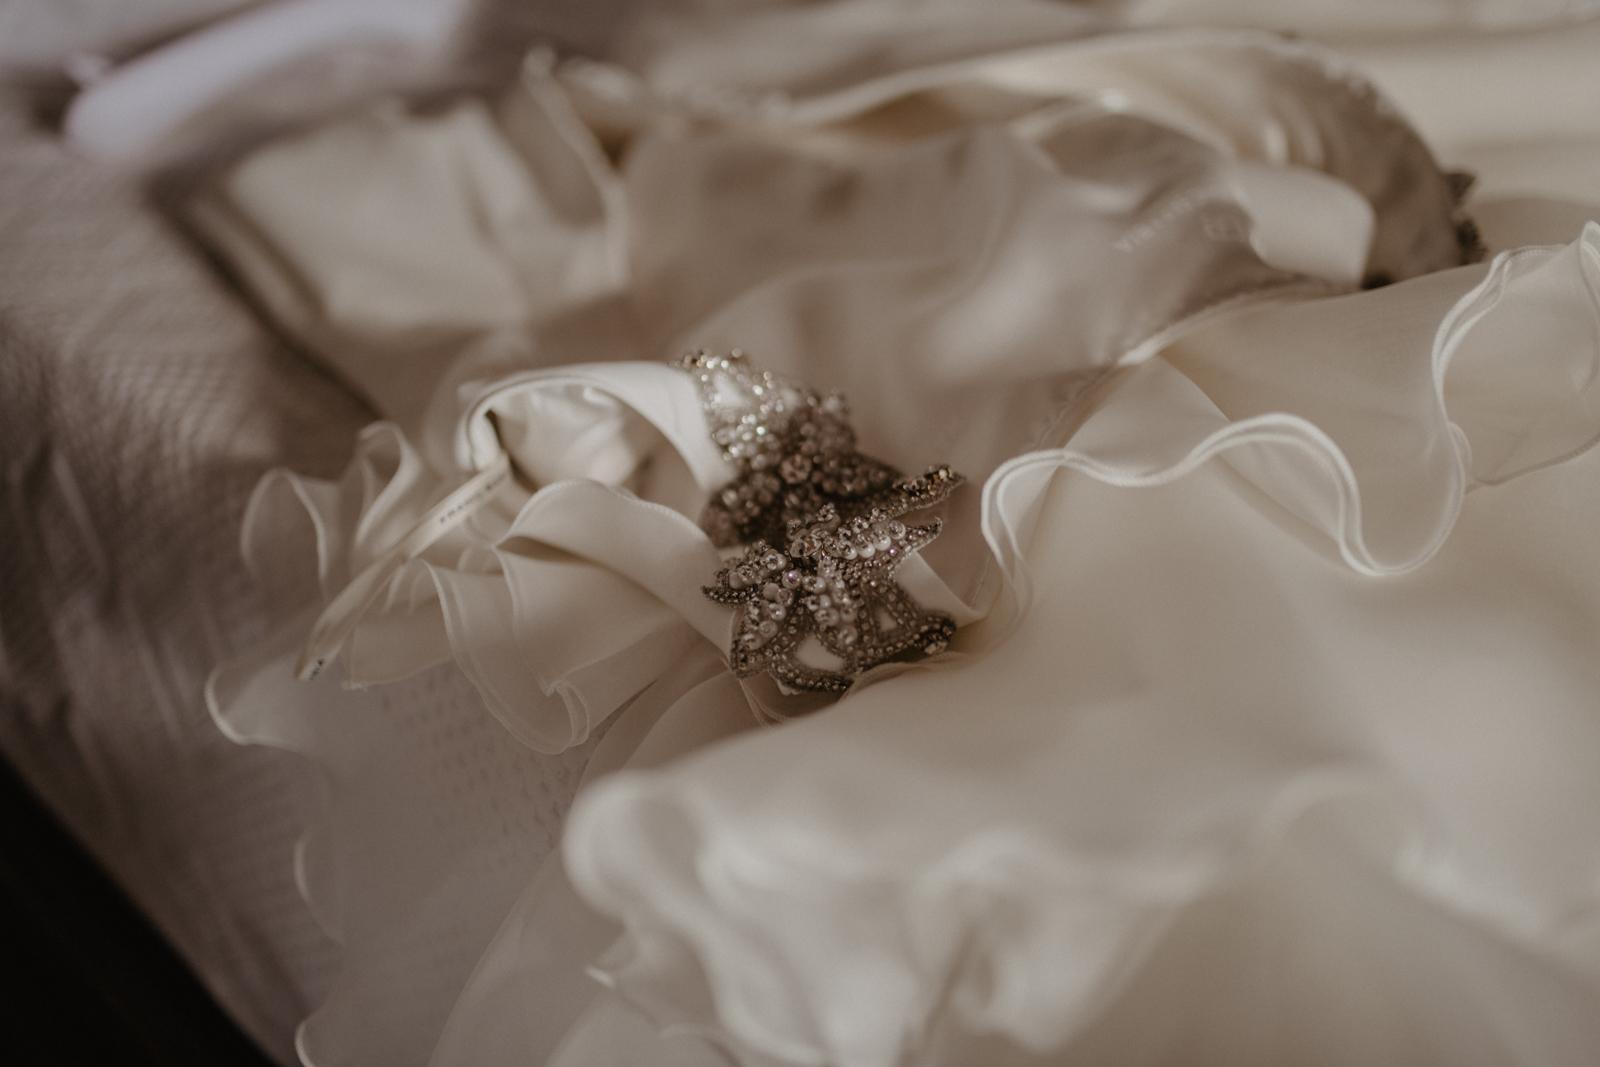 thenortherngirlphotography_photography_thenortherngirl_rebeccascabros_wedding_weddingphotography_weddingphotographer_barcelona_bodaenlabaronia_labaronia_japanesewedding_destinationwedding_shokoalbert-268.jpg